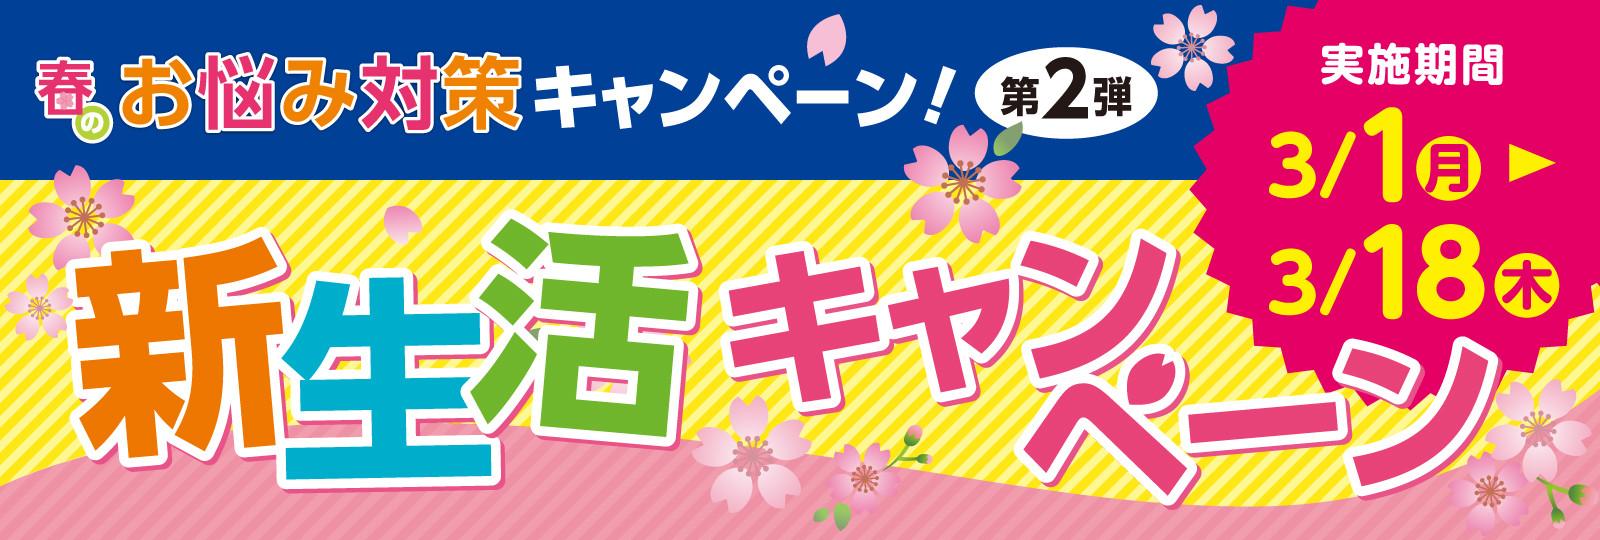 ファイテン 新生活応援キャンペーン